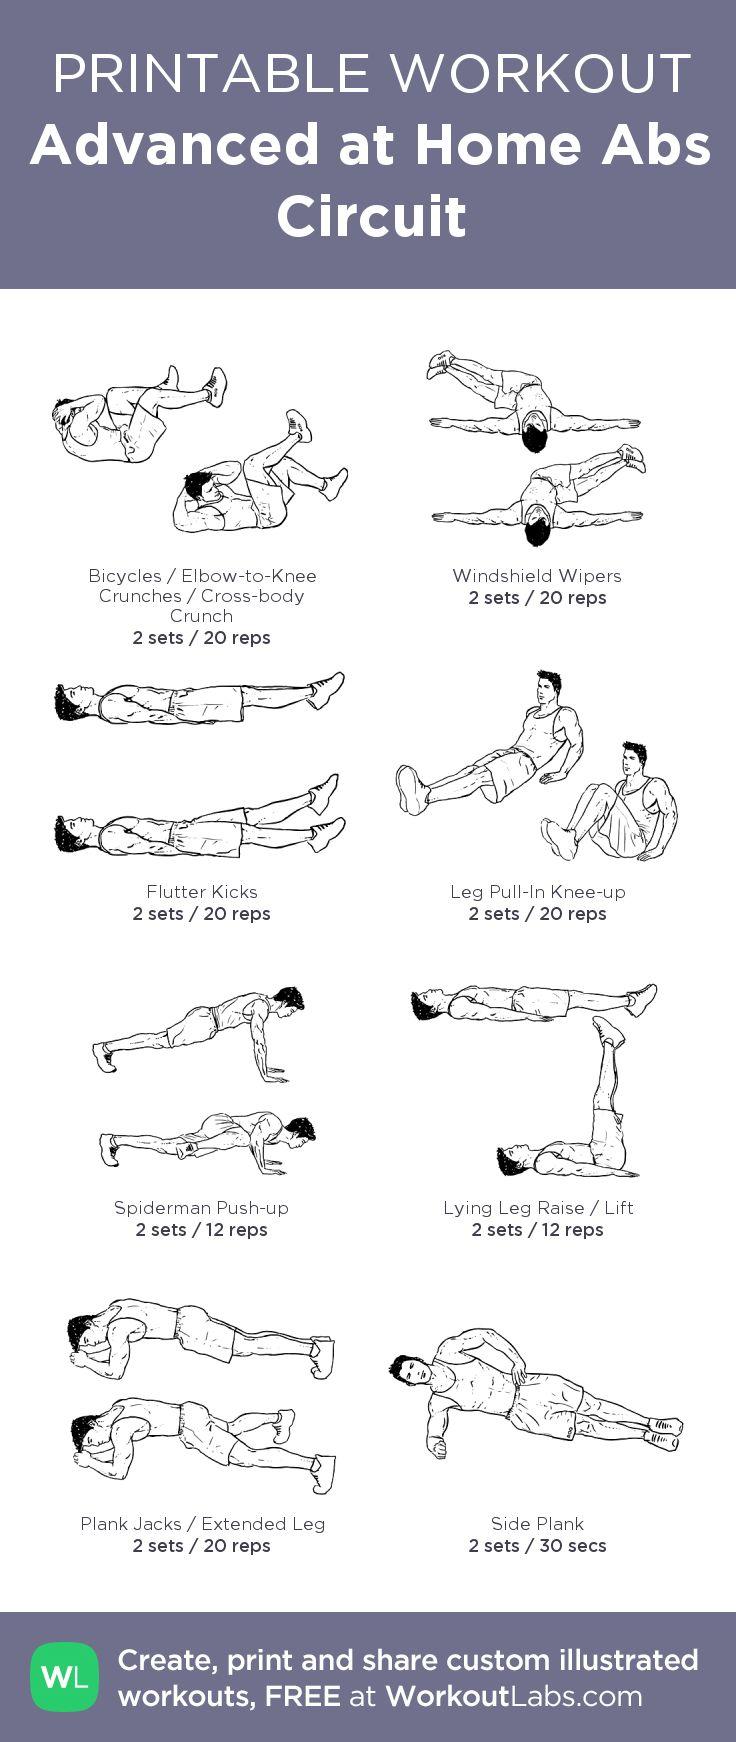 online workout program pdf maker